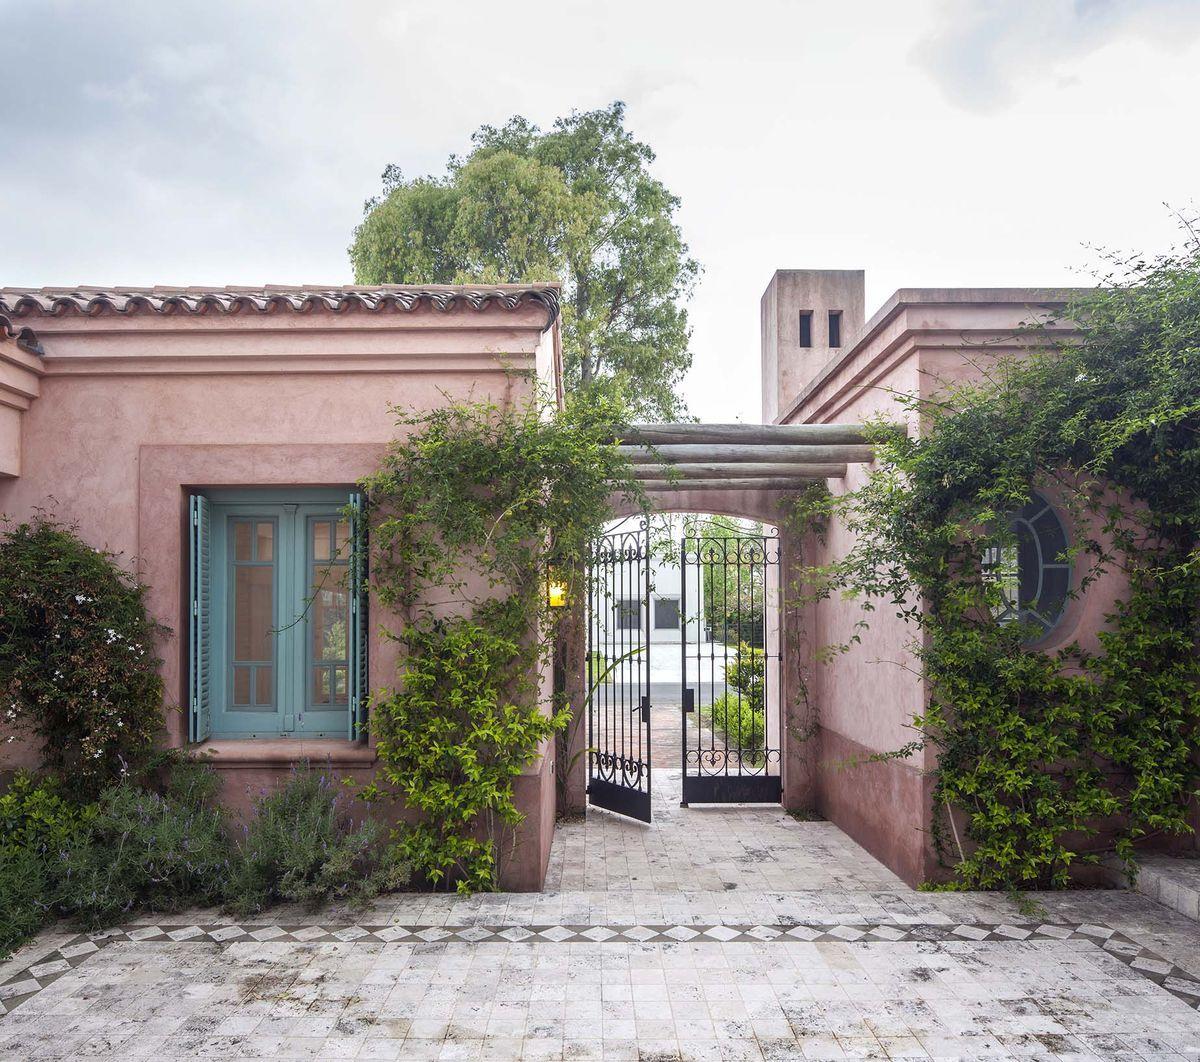 casa estilo colonial pampeano - Buscar con Google | arquitectura ...